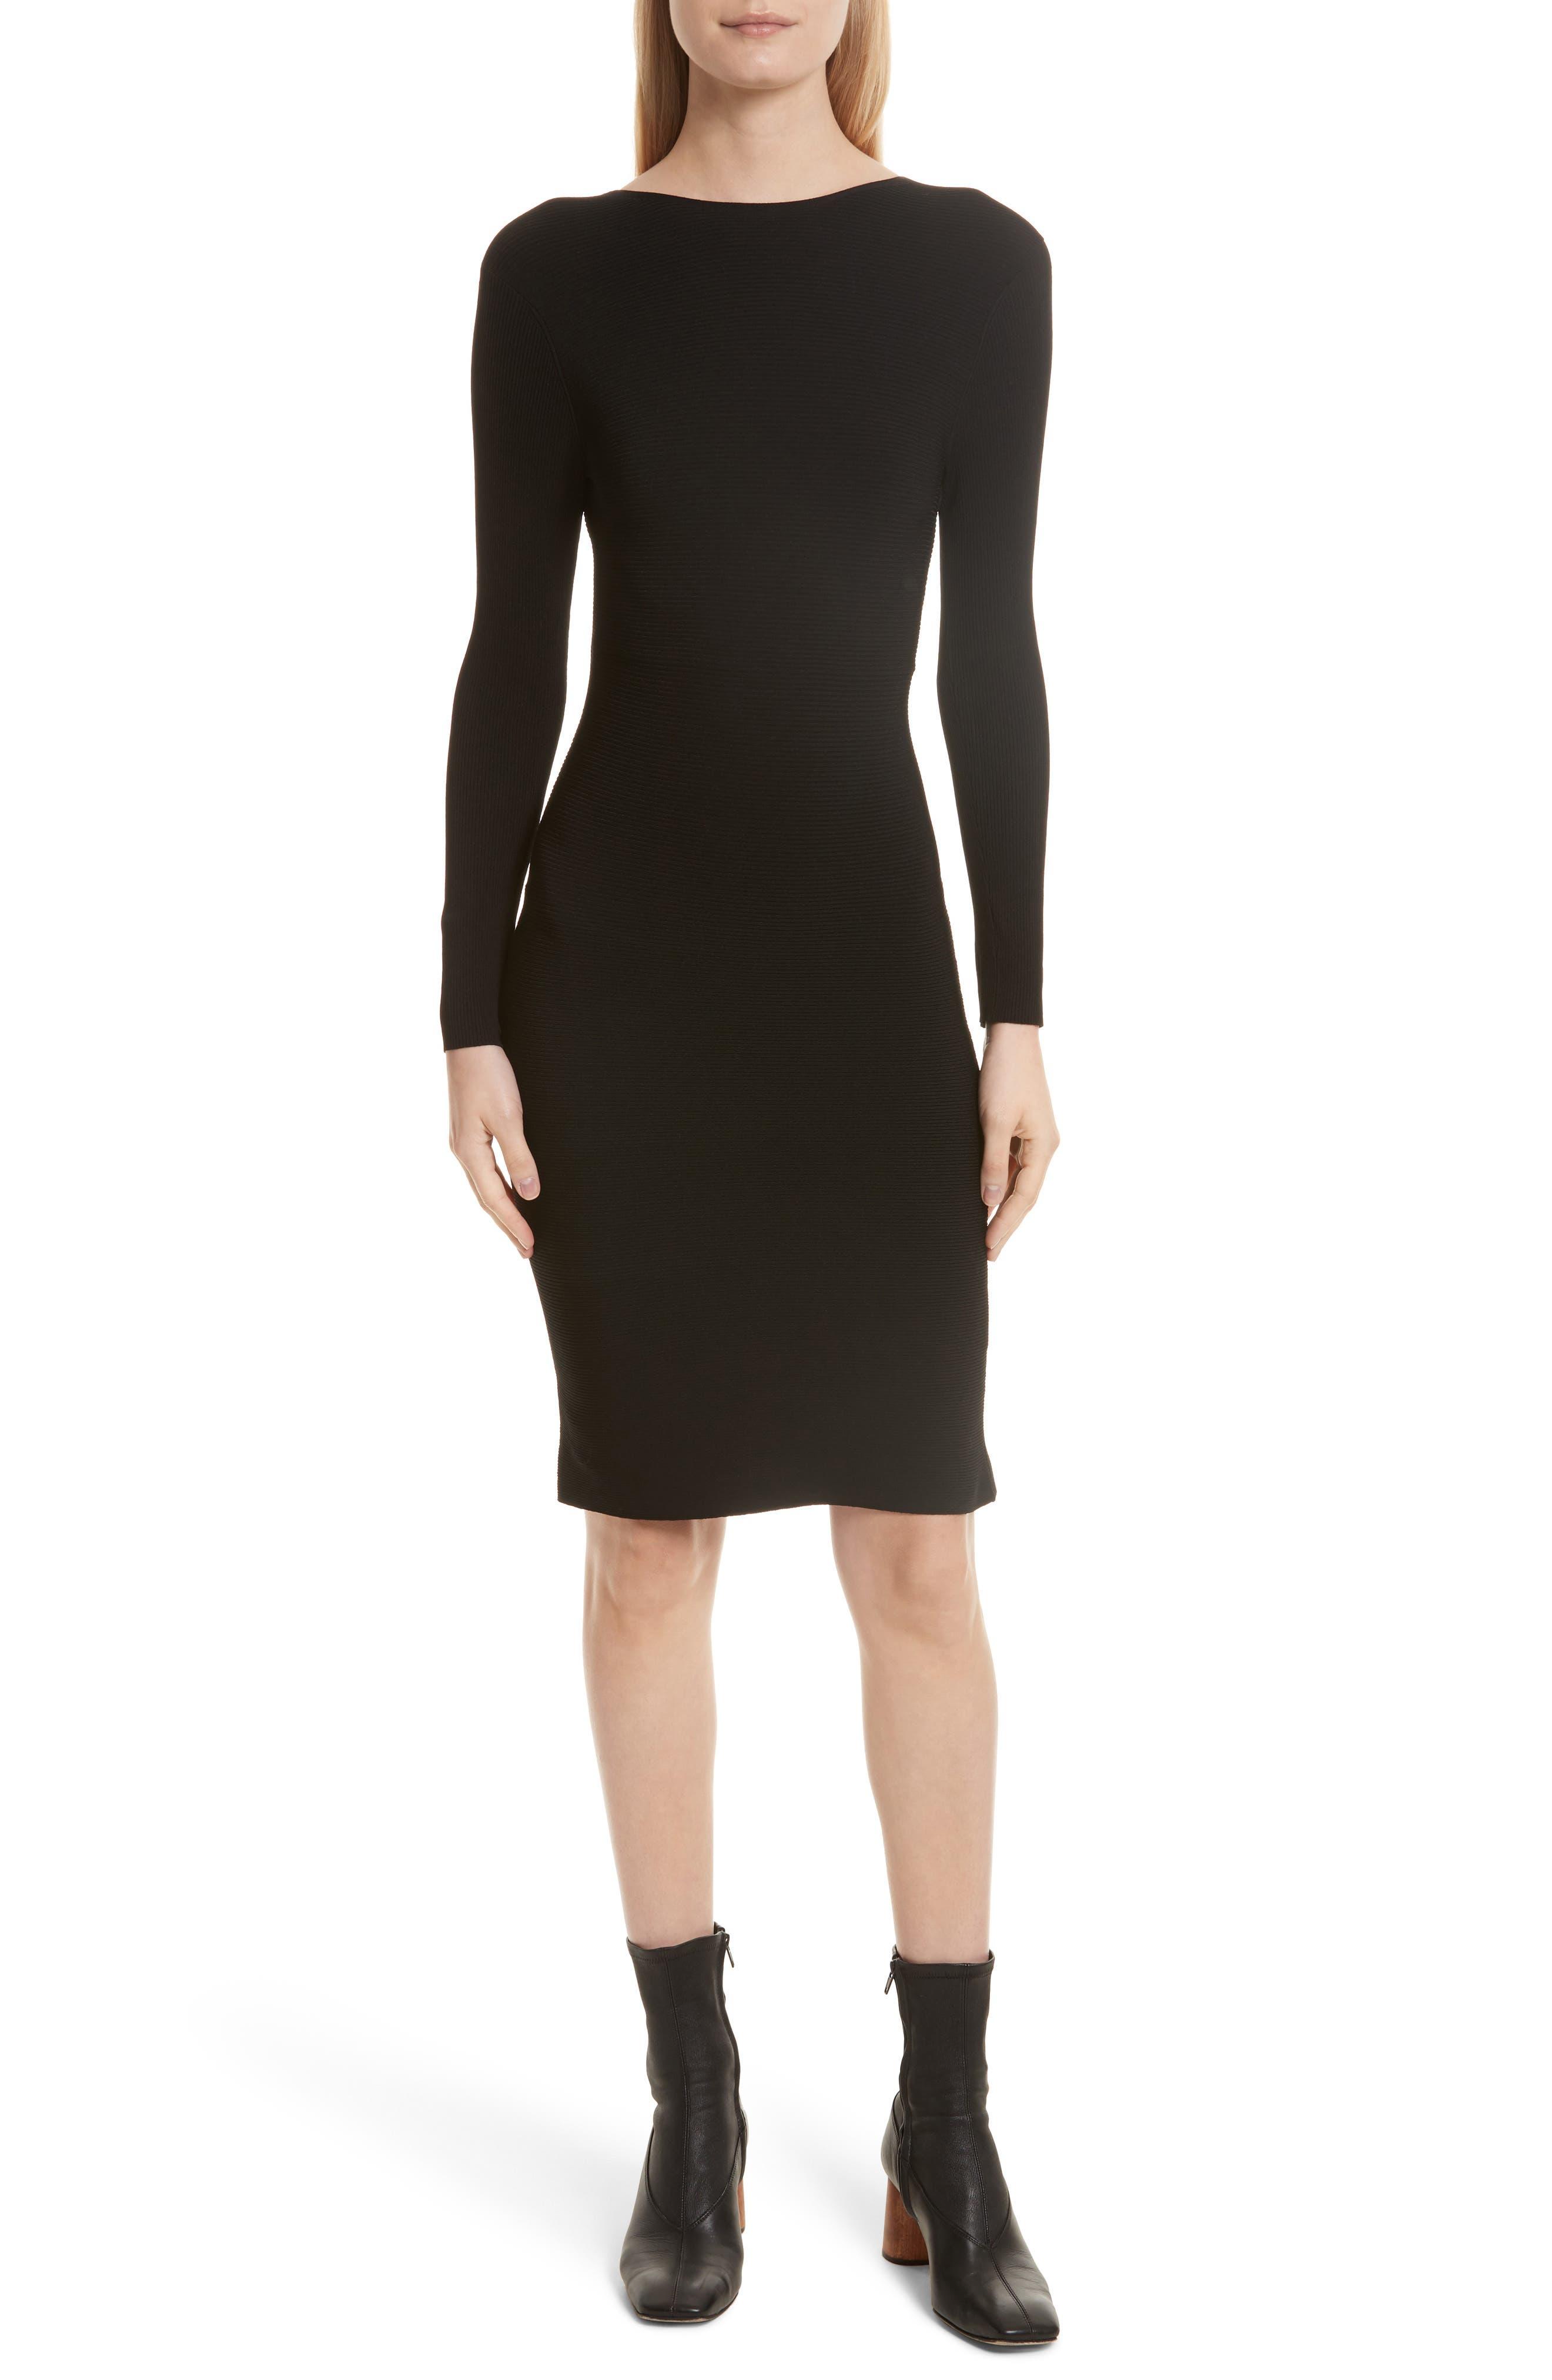 Technical Rib Open Back Dress,                             Main thumbnail 1, color,                             Black